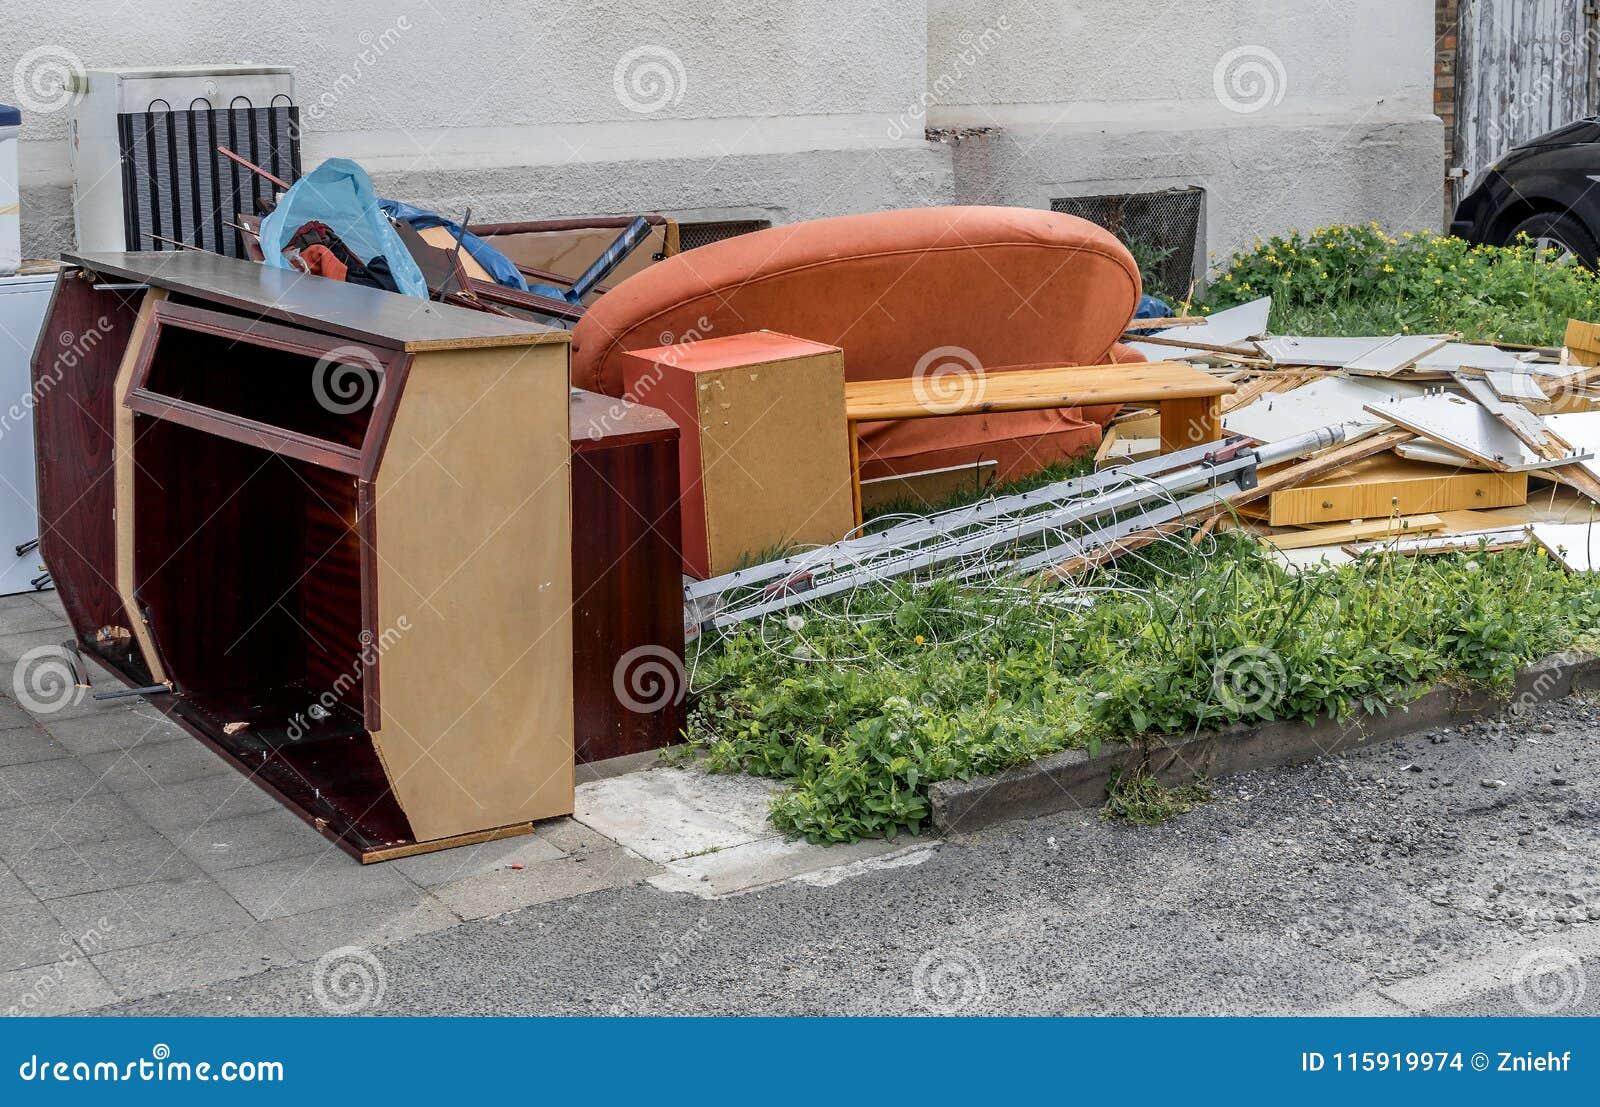 与碗柜、一个沙发和家具的庞大的废物在公寓前面的草坪